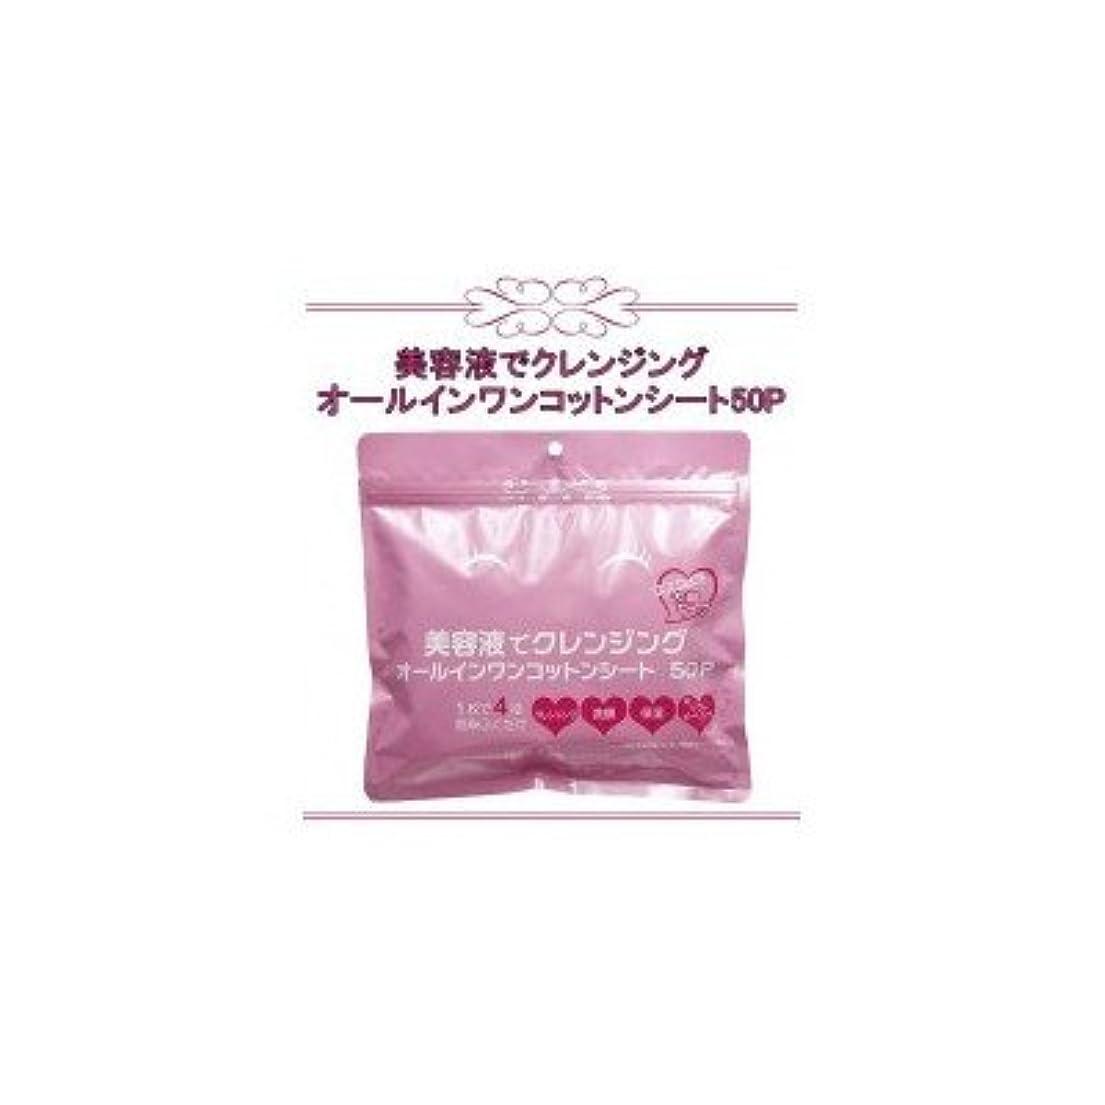 同封するテープフィクション美容液でクレンジング オールインワンコットンシート 50P(50枚入)